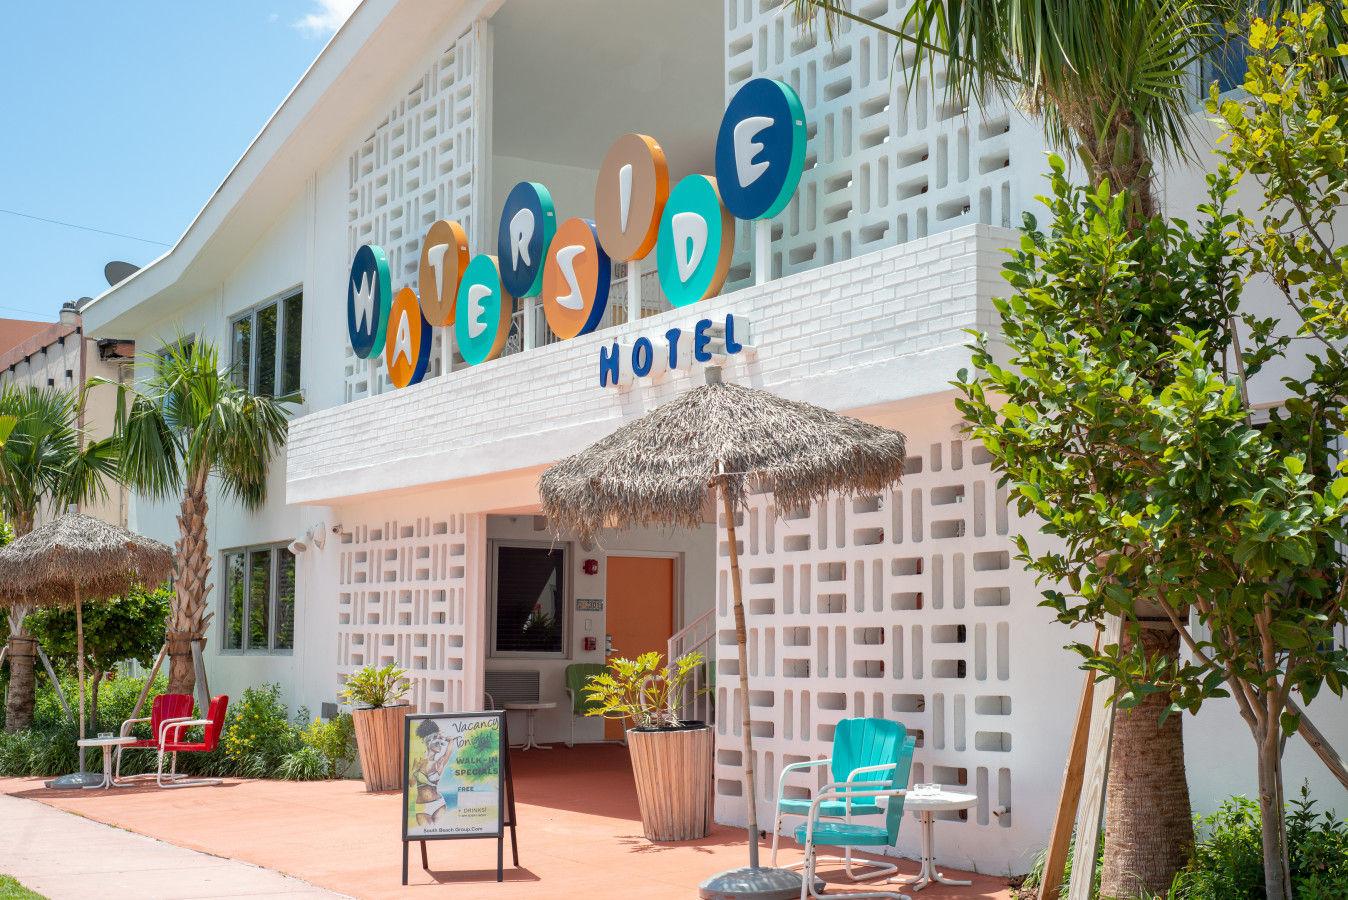 Waterside Hotel - Exterior